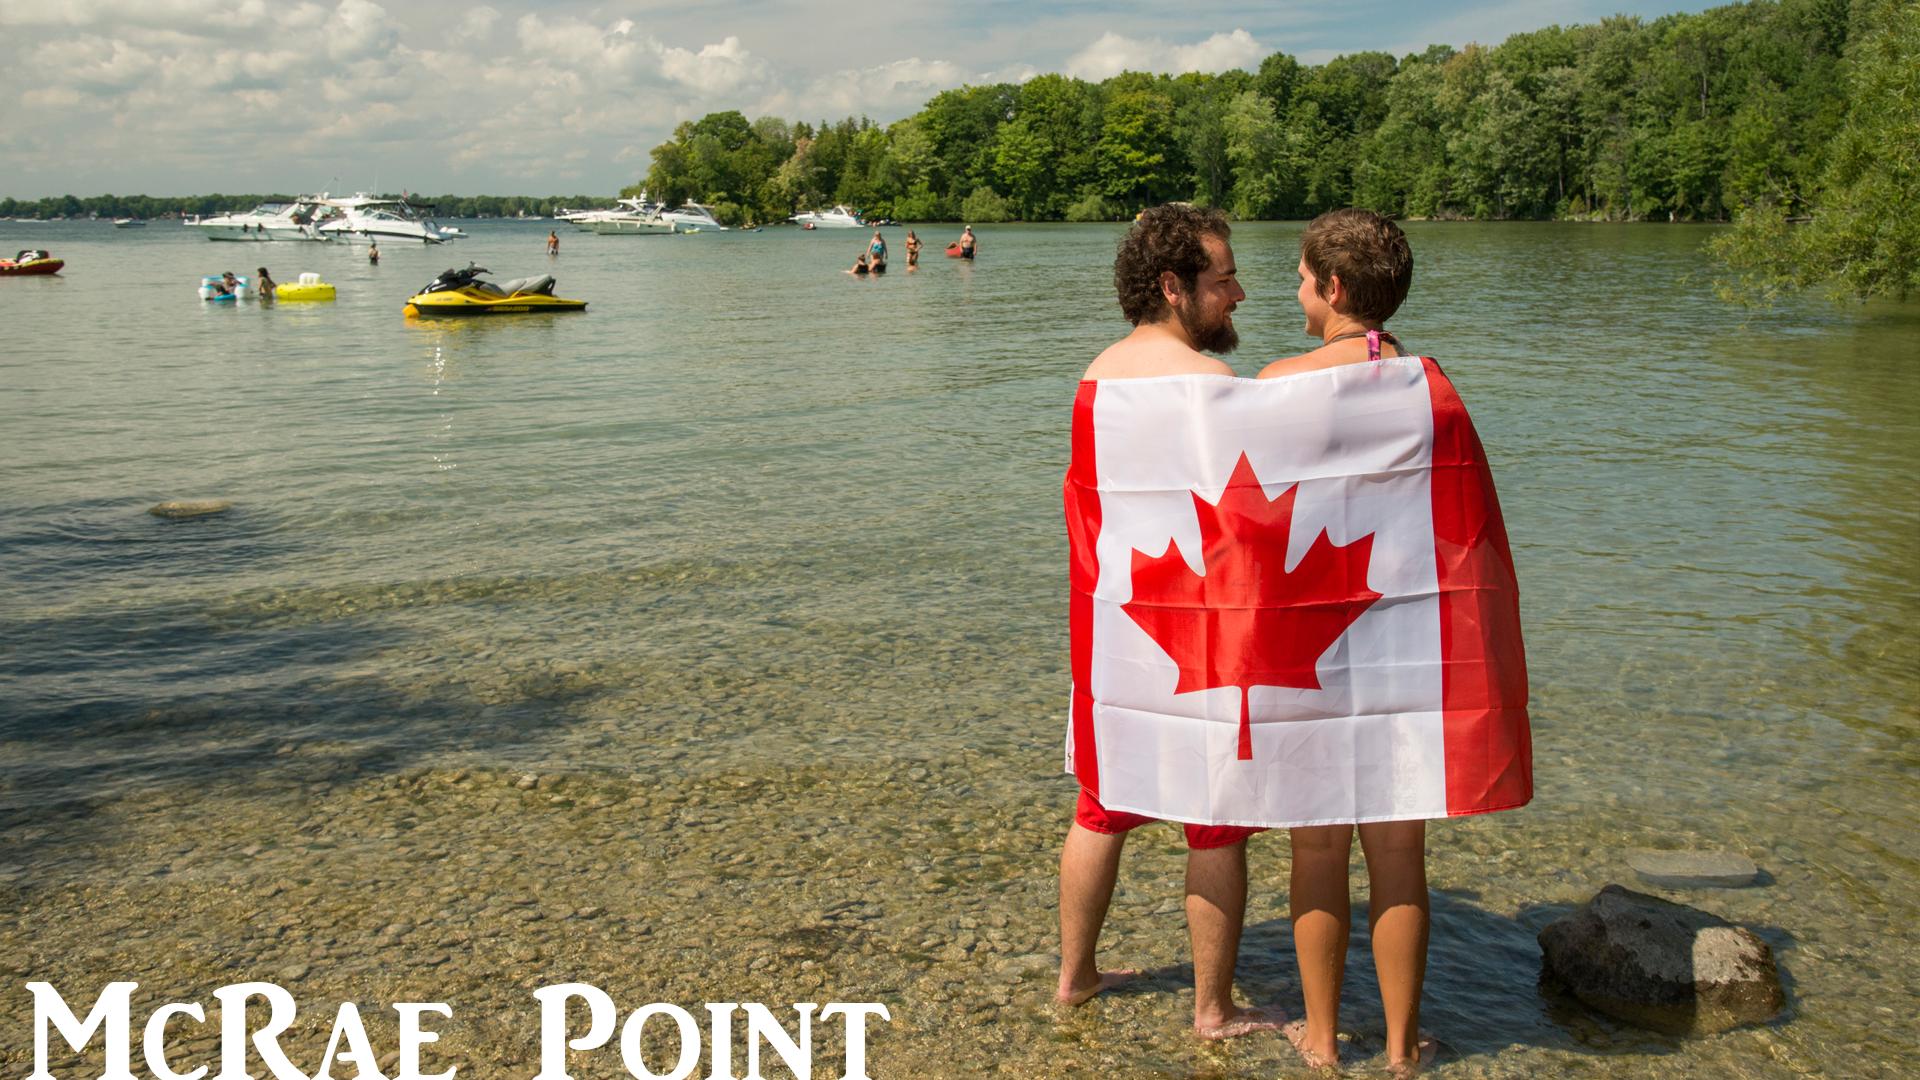 blogimage3 - Our Provincial Parks